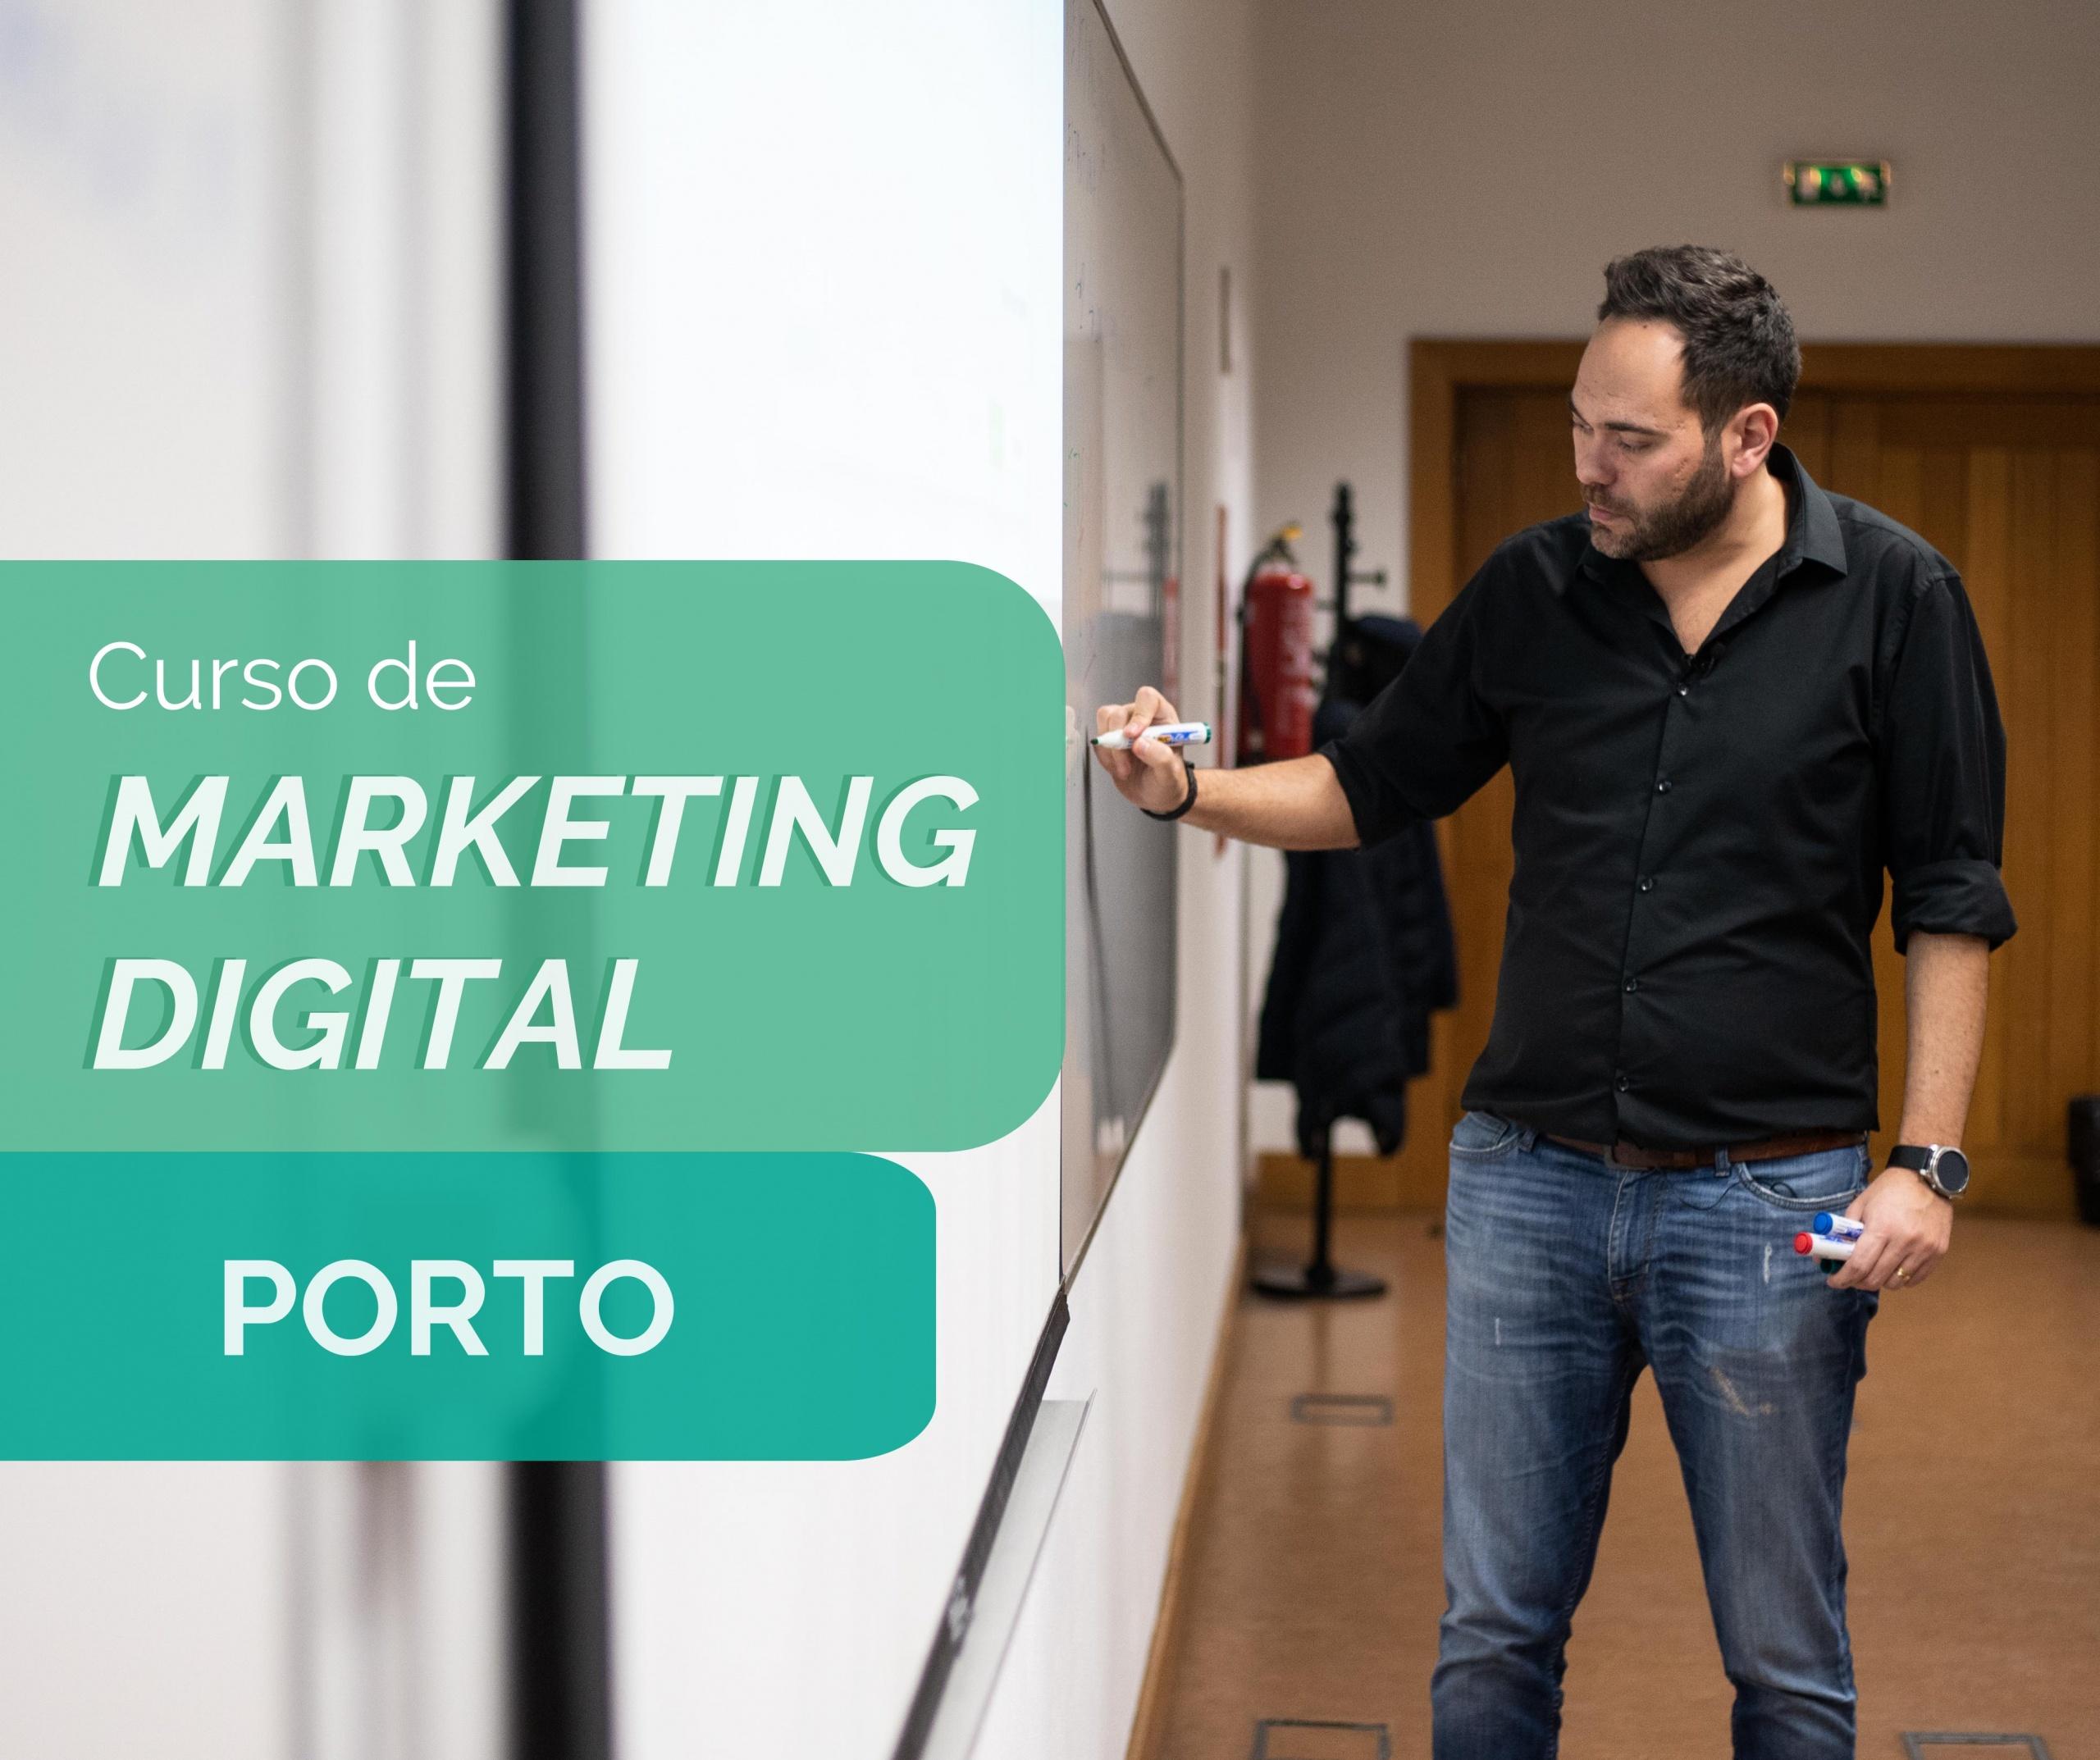 Curso De Marketing Digital No Porto By Marco Gouveia